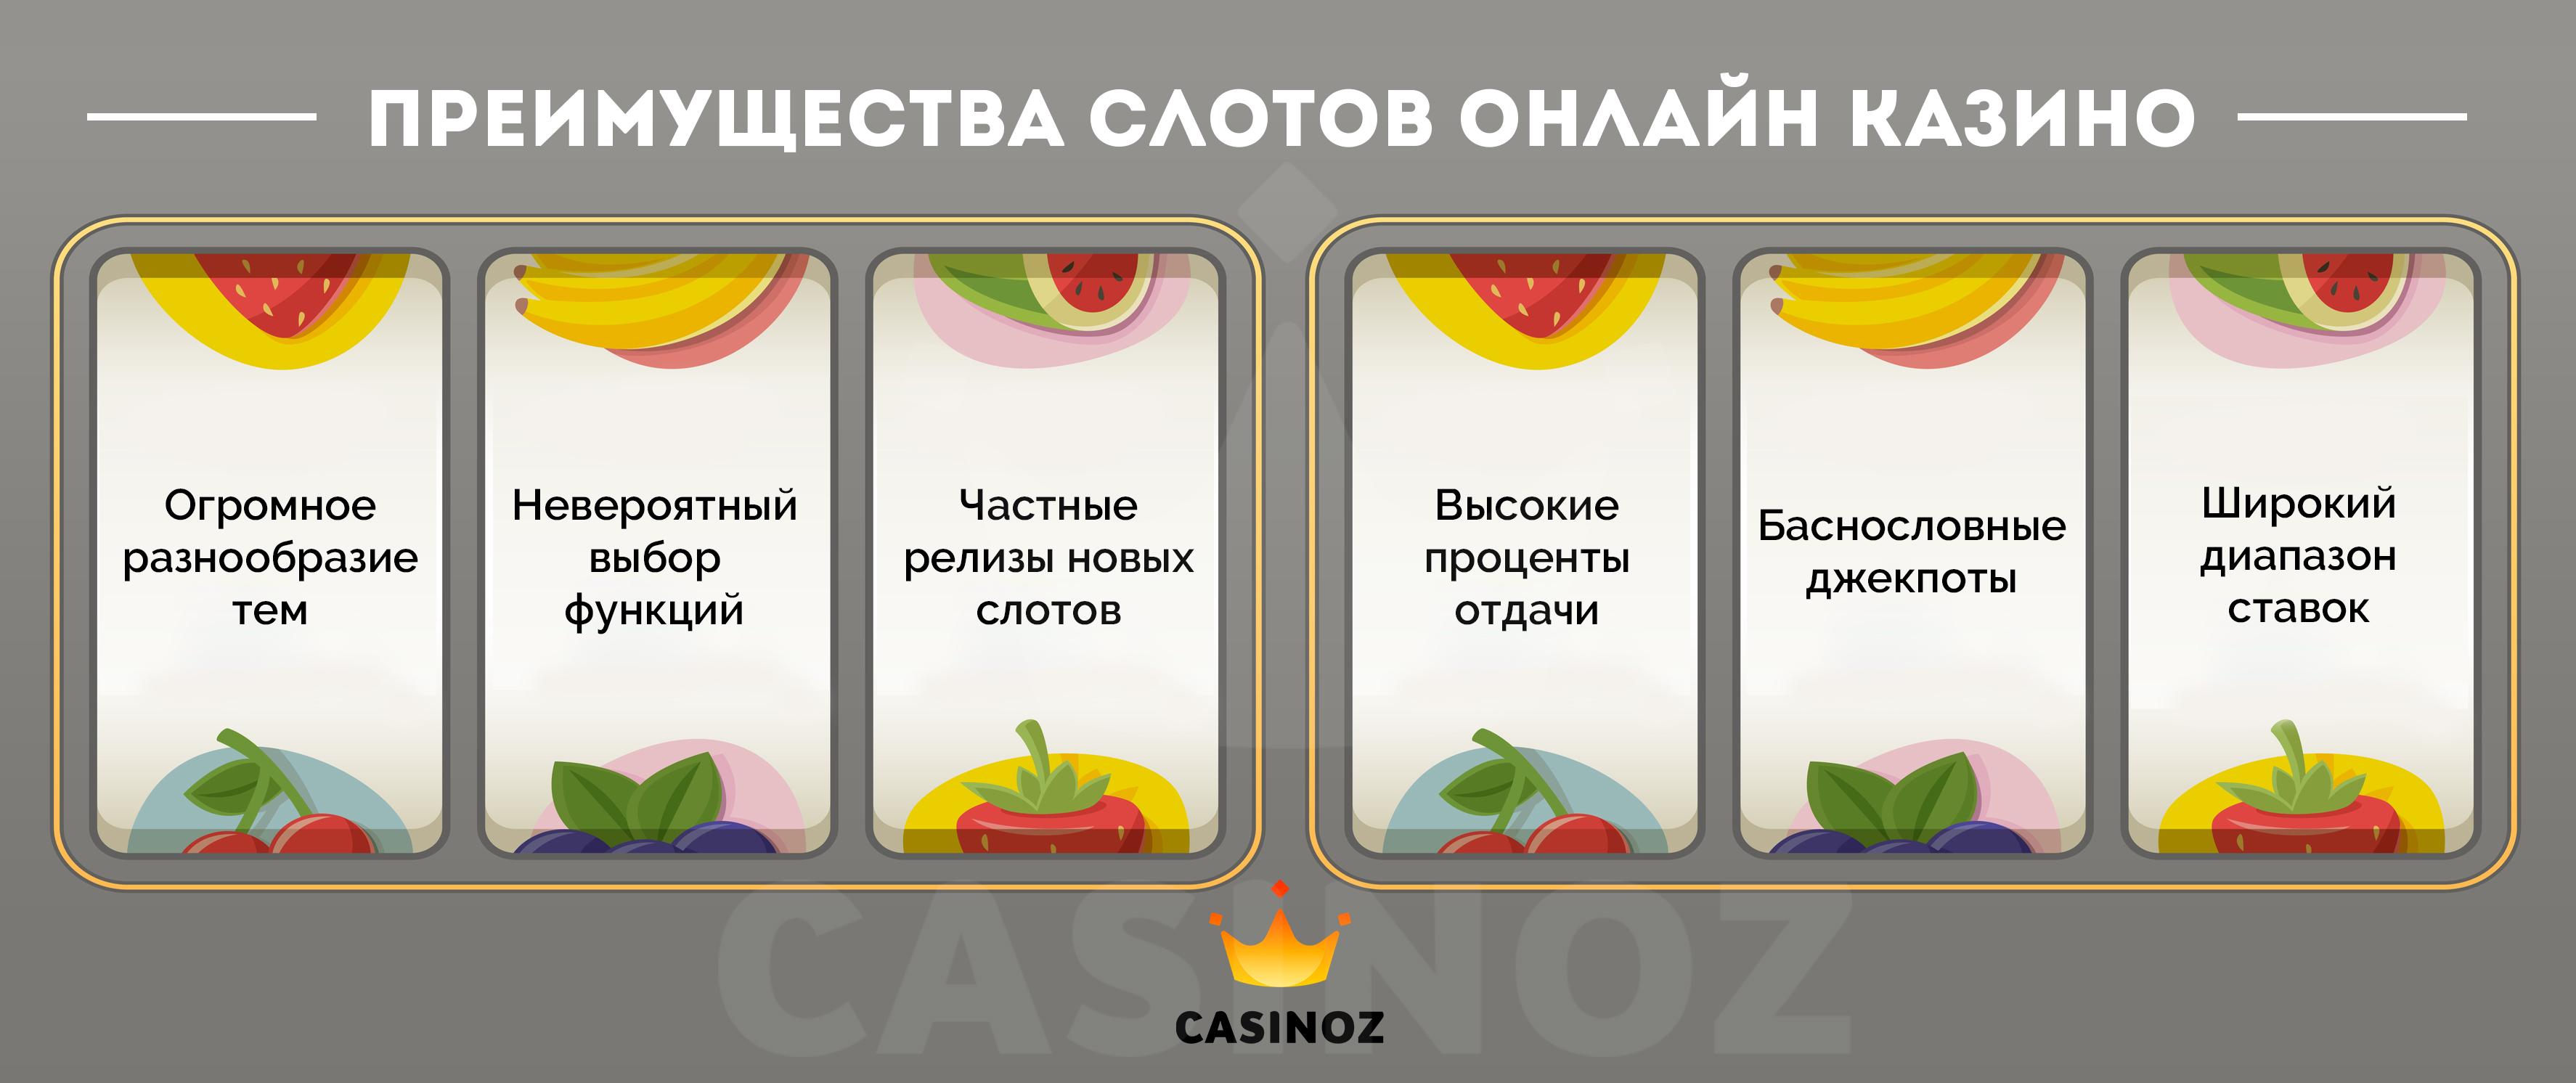 игровые автоматы играть новые самые разные в